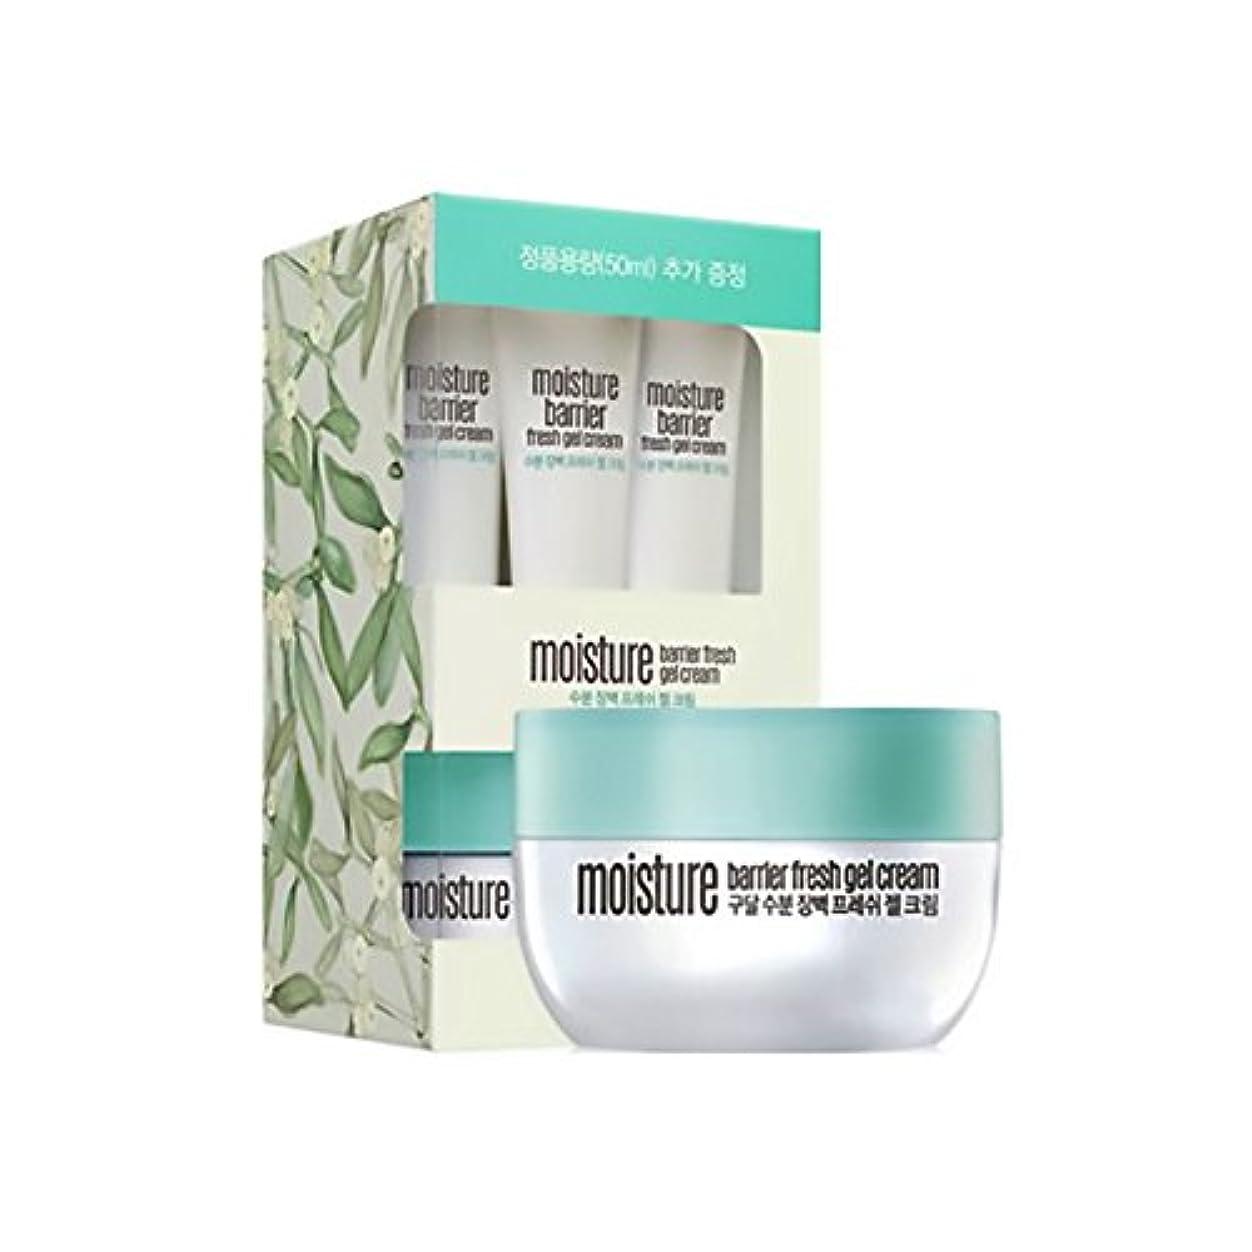 無法者悲観的液化するgoodal moisture barrier fresh gel cream set